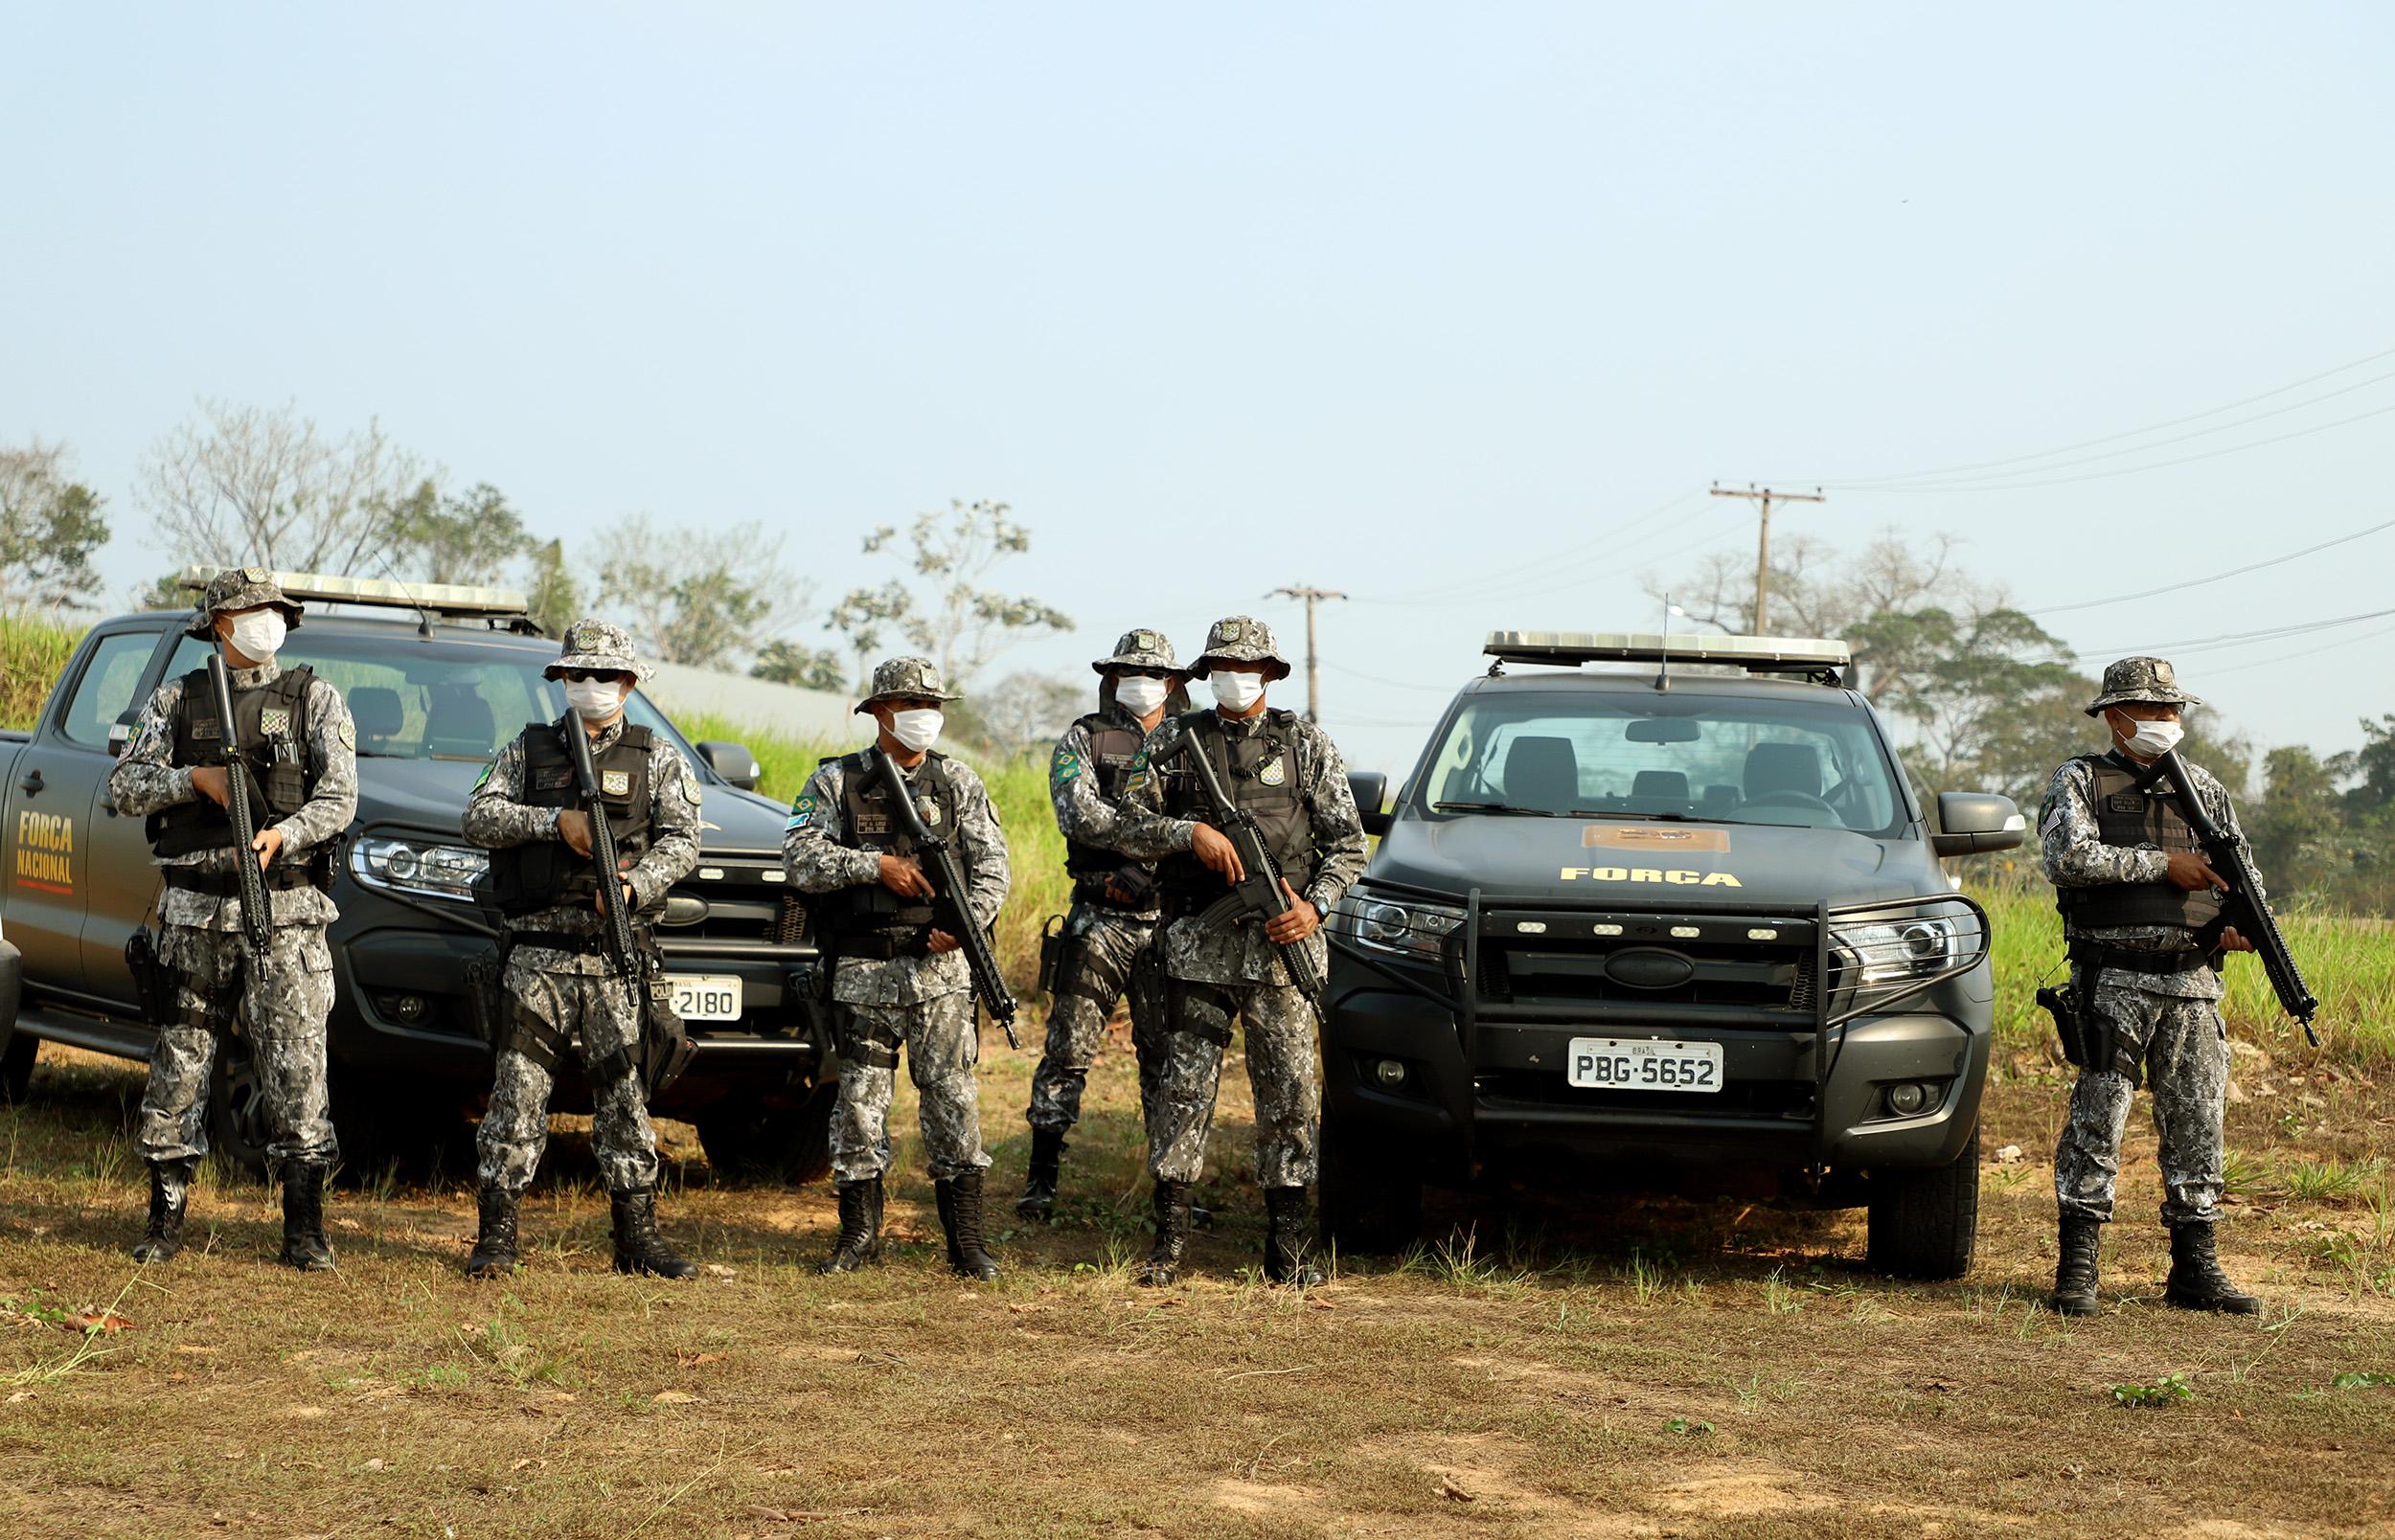 Acre recebe reforços da Força Nacional, ICMBio e Ibama no combate às  queimadas | Notícias do Acre